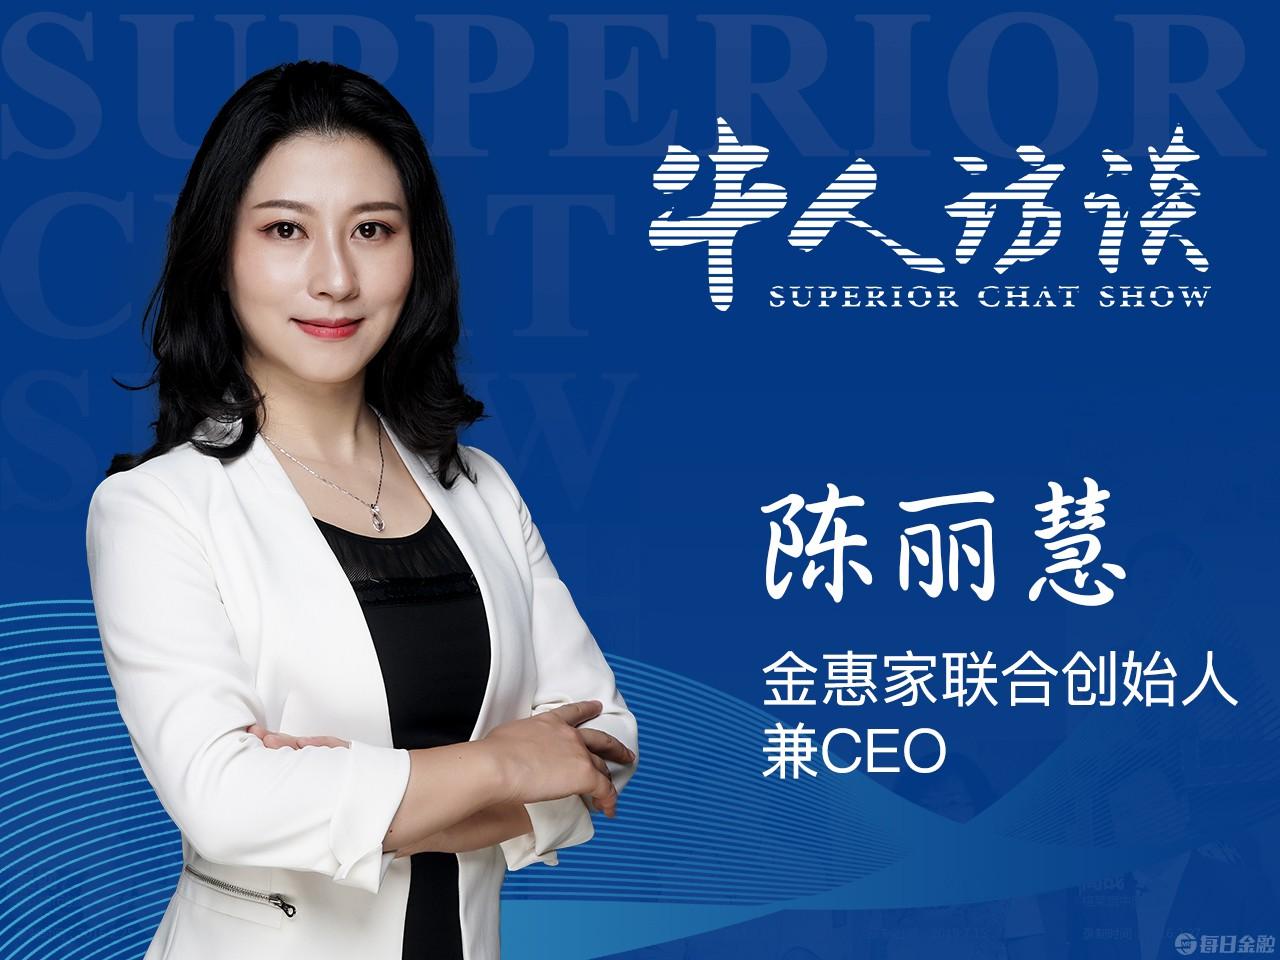 金惠家CEO陳麗慧︰科技創新賦(fu)能社區(qu)金融(rong)